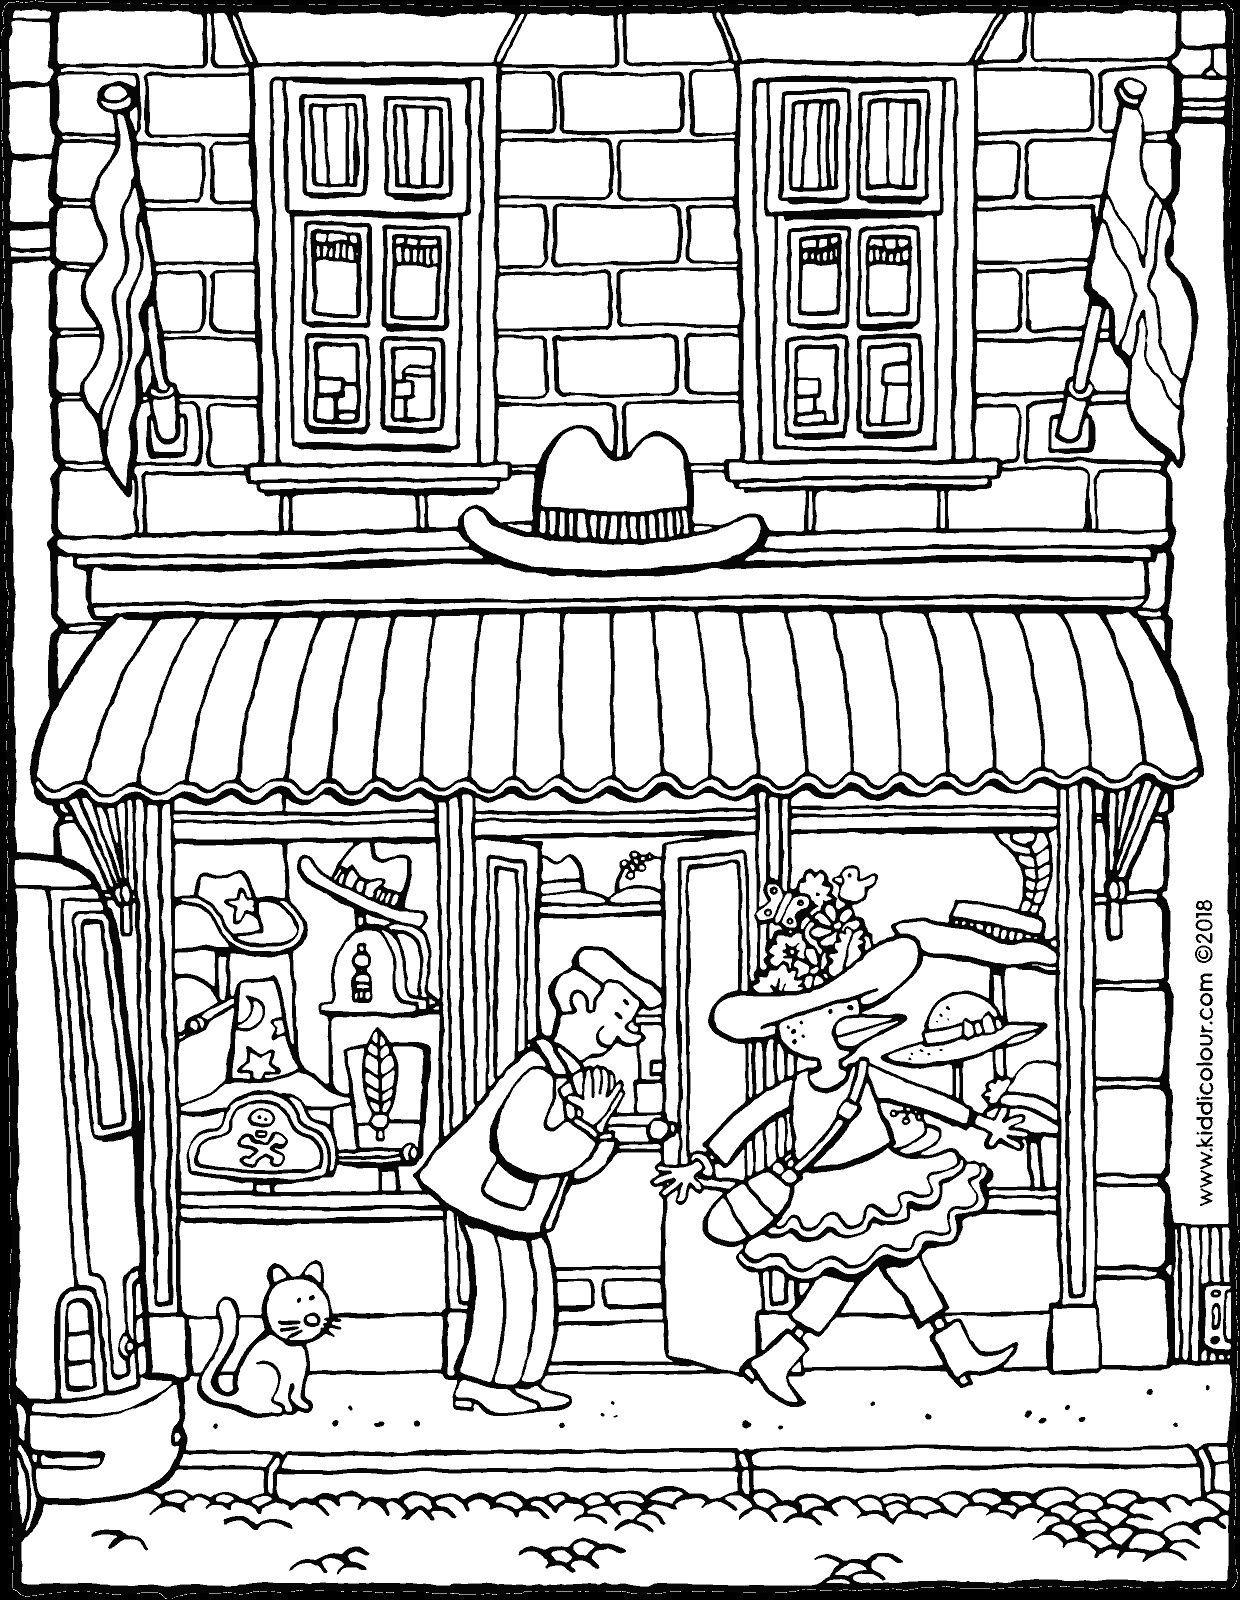 Boutique De Chapeaux Kiddicoloriage En 2021 Image A Colorier Coloriage Colorier